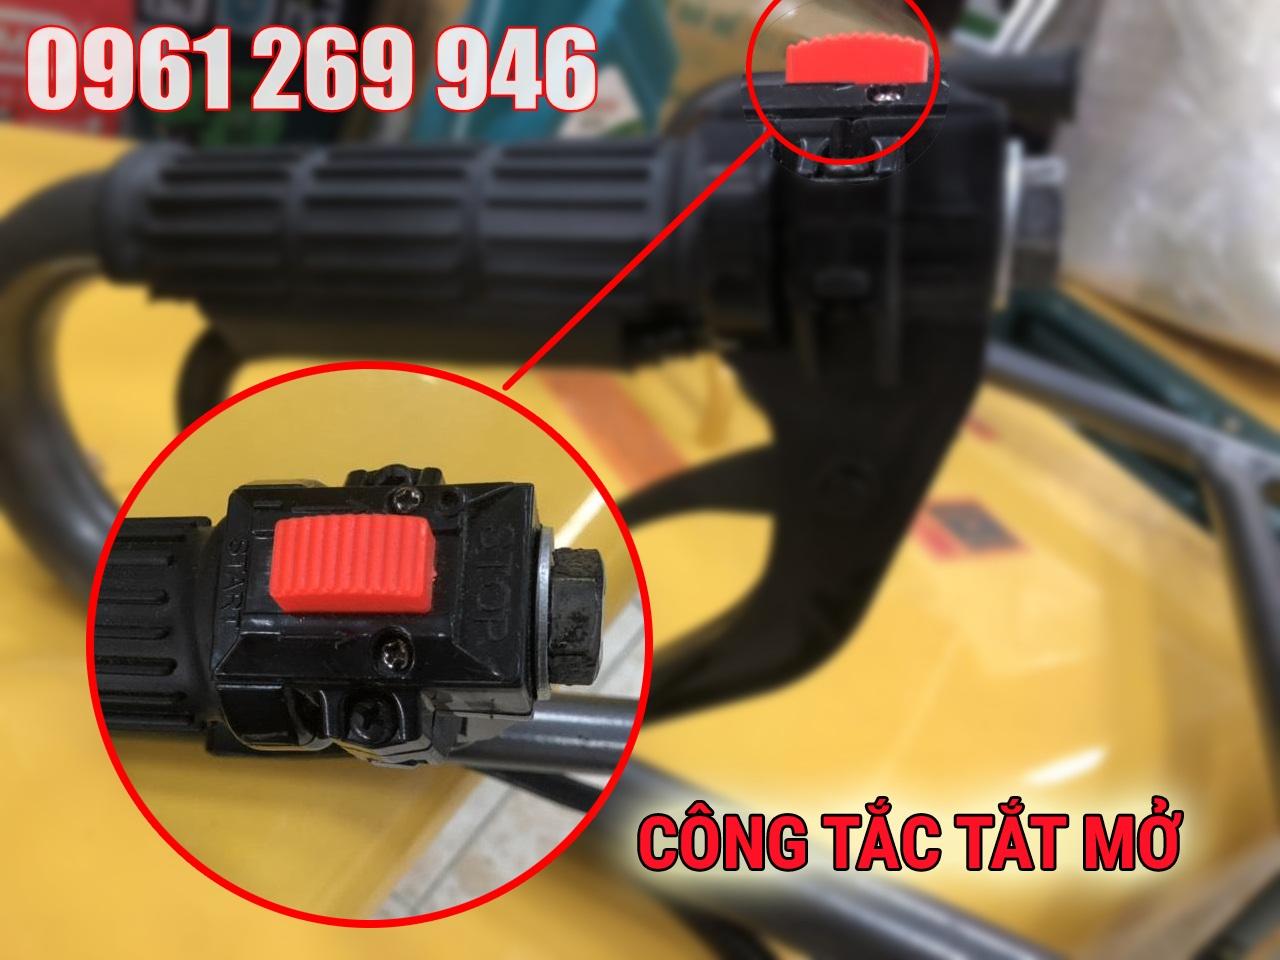 cong-tac-tat-mo-jpg.49849